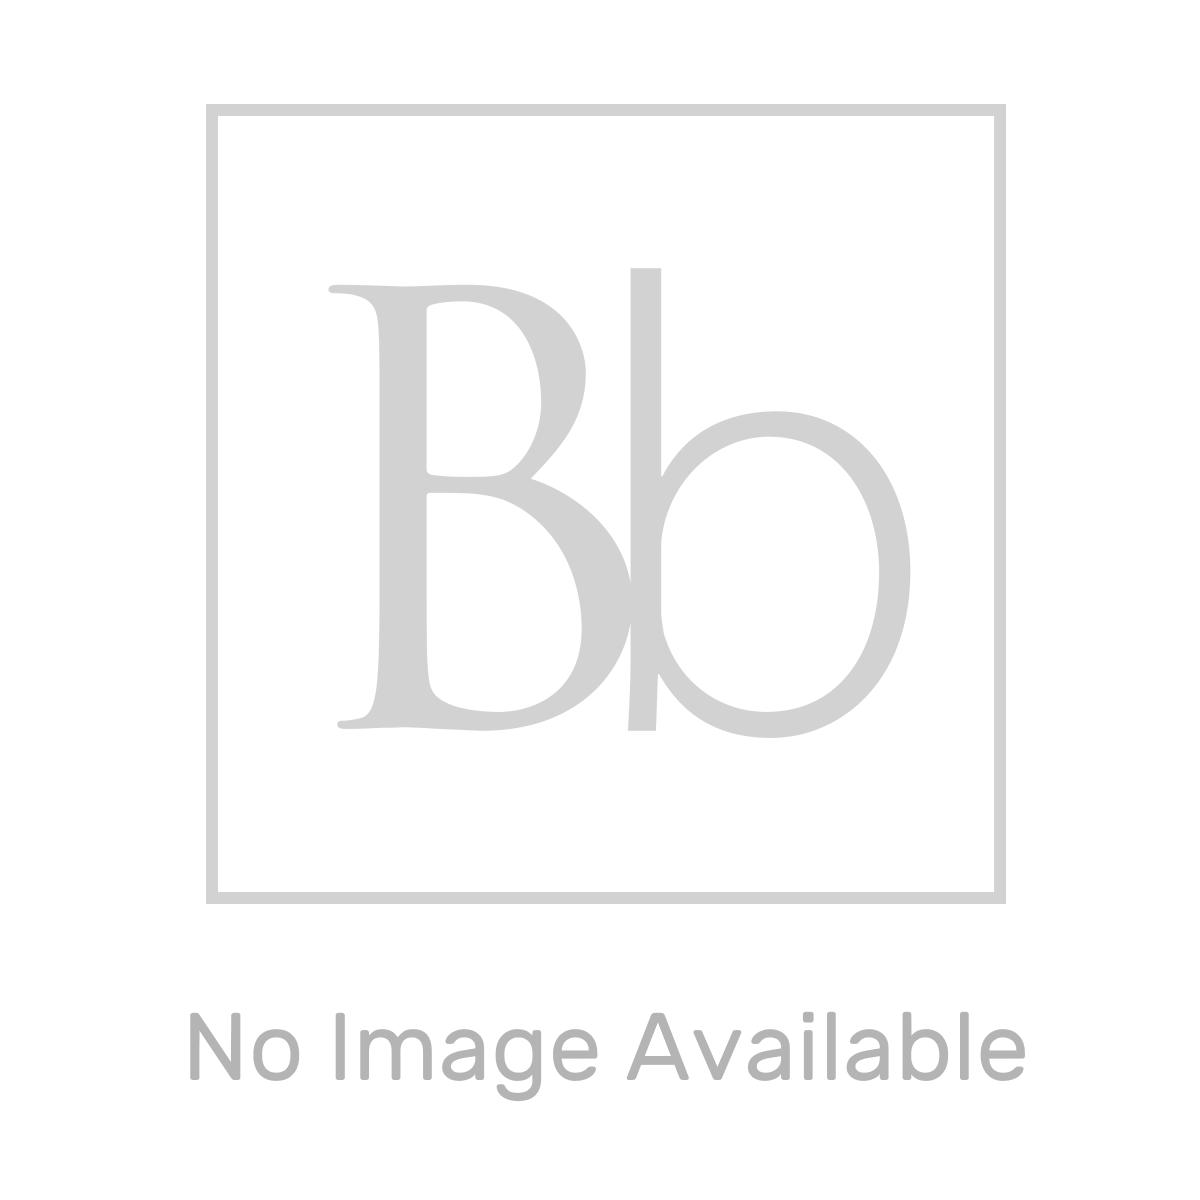 RAK Sendai White Gloss Vanity Unit with Basin 450mm